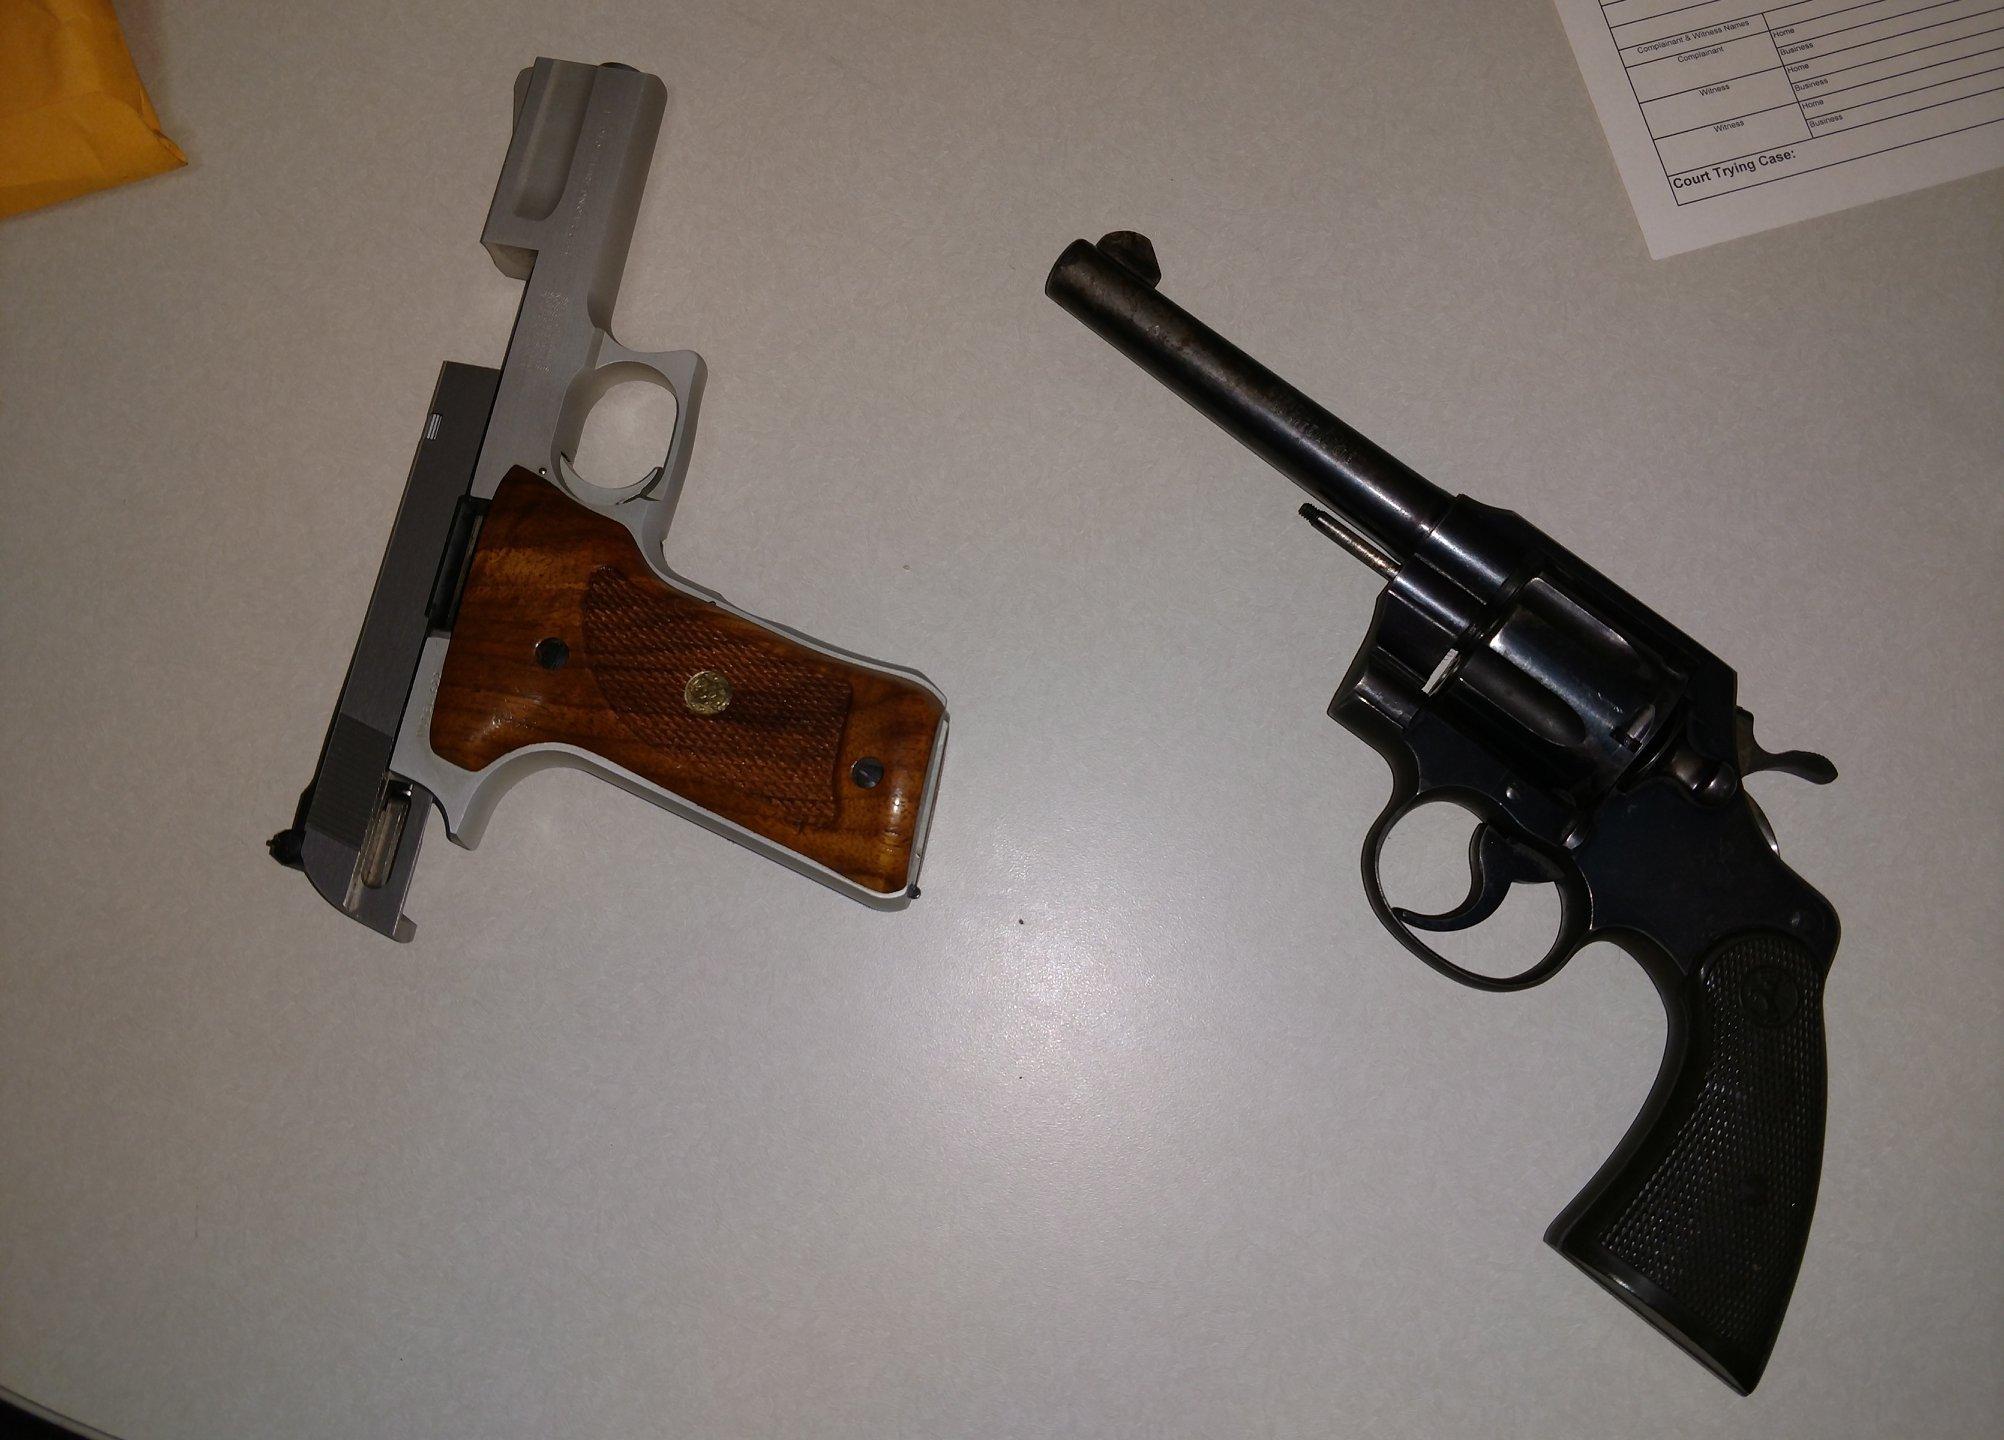 5 Arrests in LR's Cammack Village after Stolen Vehicle, Guns